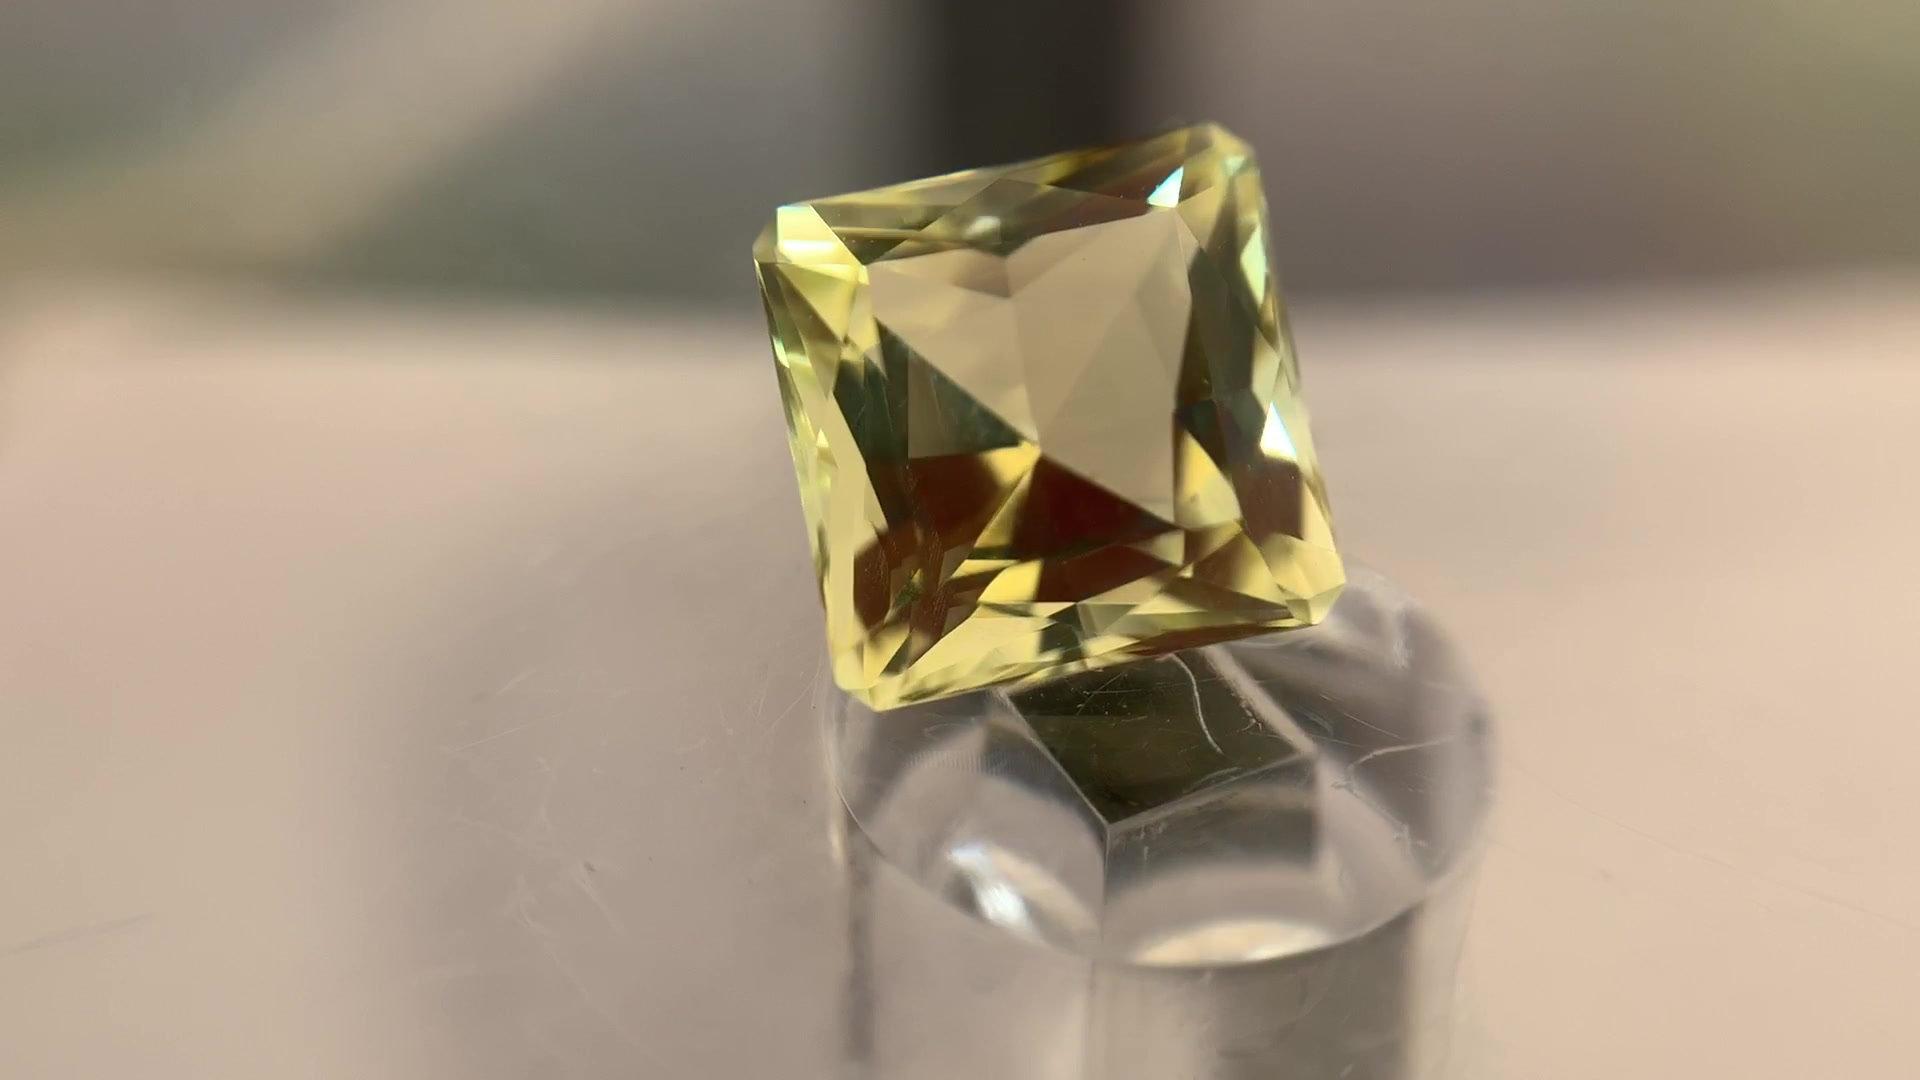 Details about  /Lot Natural Citrine Lemon Quartz 6X6 mm Square Cabochon Loose Gemstone